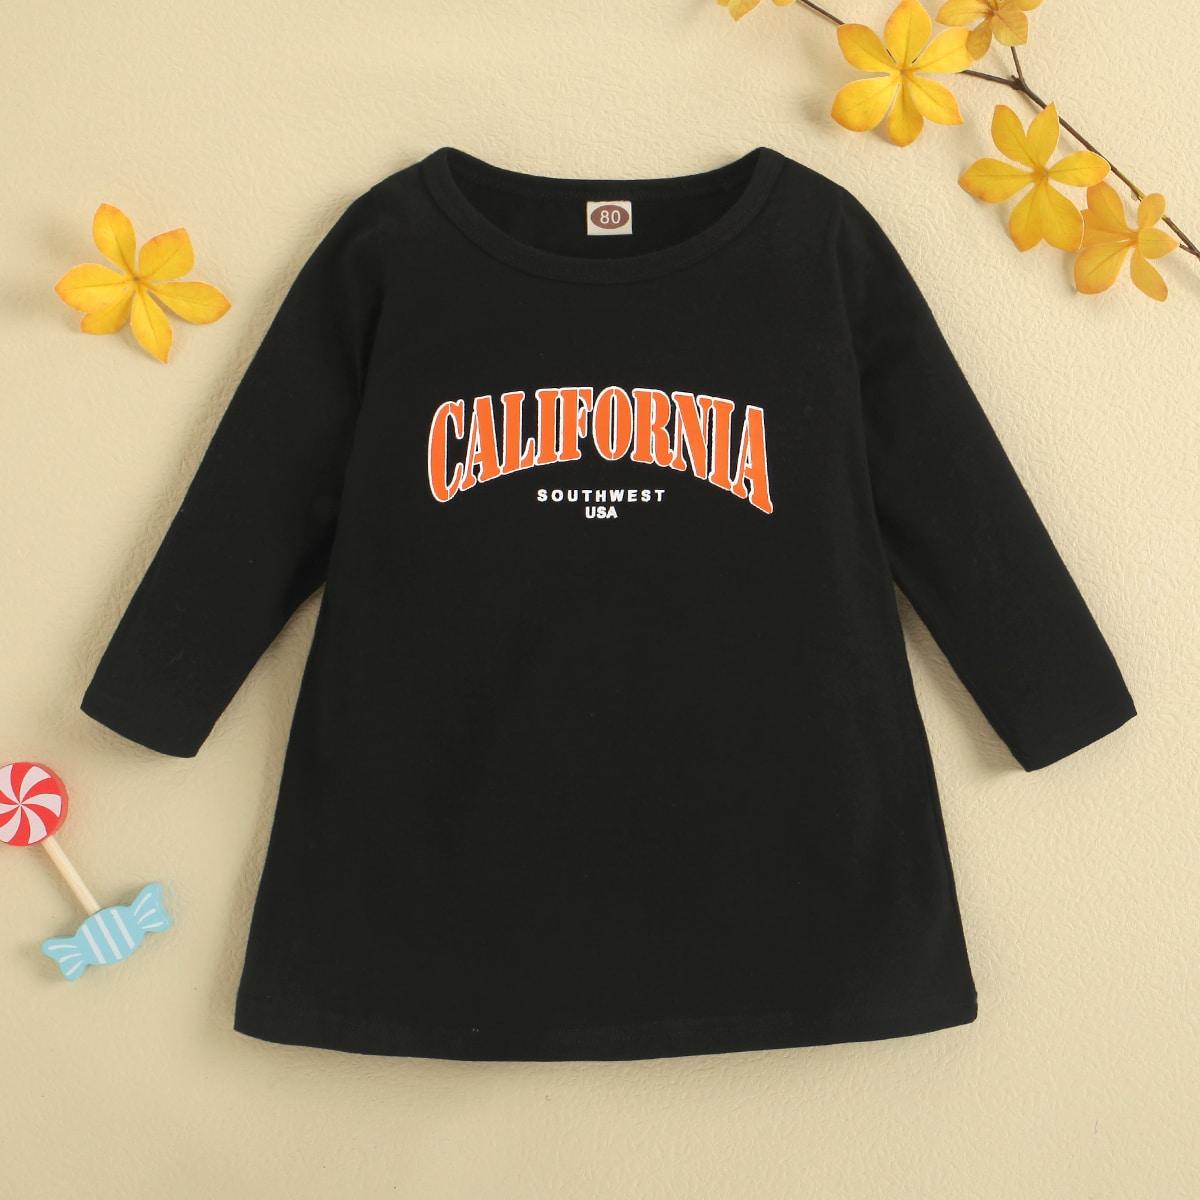 Детское платье-футболка с текстовым принтом от SHEIN